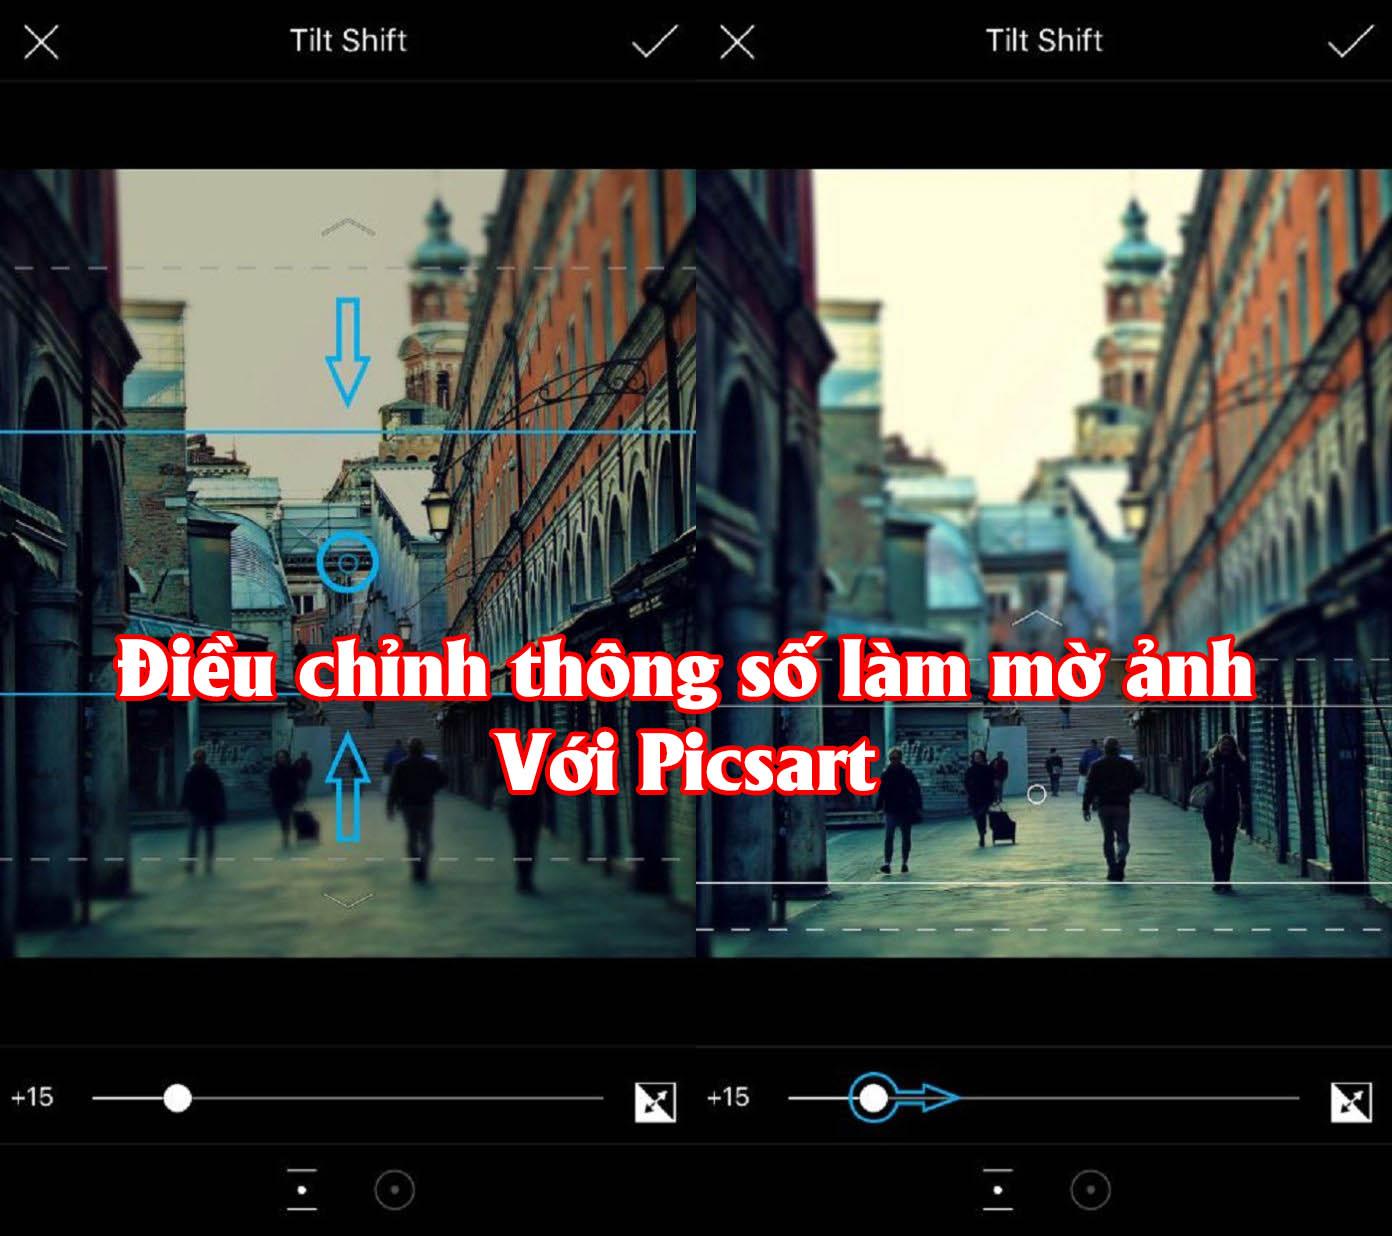 dieu chinh thong so lam mo hau canh voi picsart